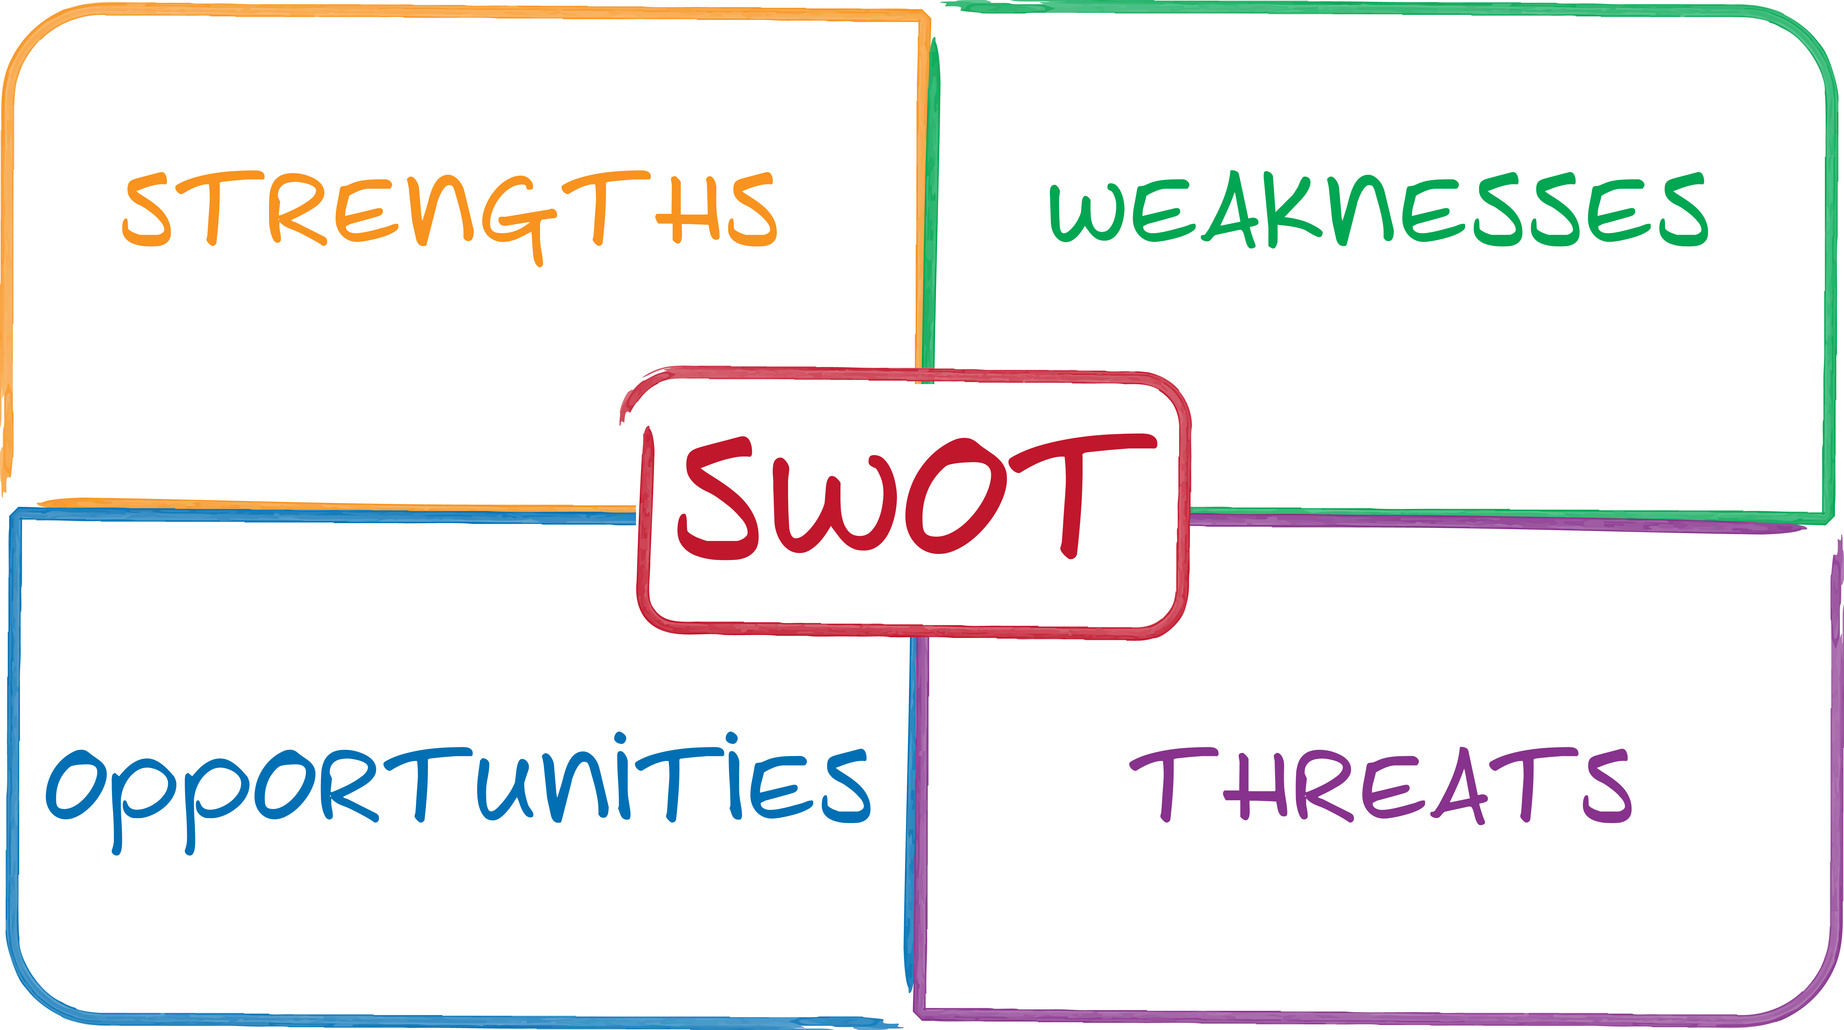 SWOT Là Gì? Làm Thế Nào Để Phân Tích SWOT Hiệu Quả? • Ngọc NX